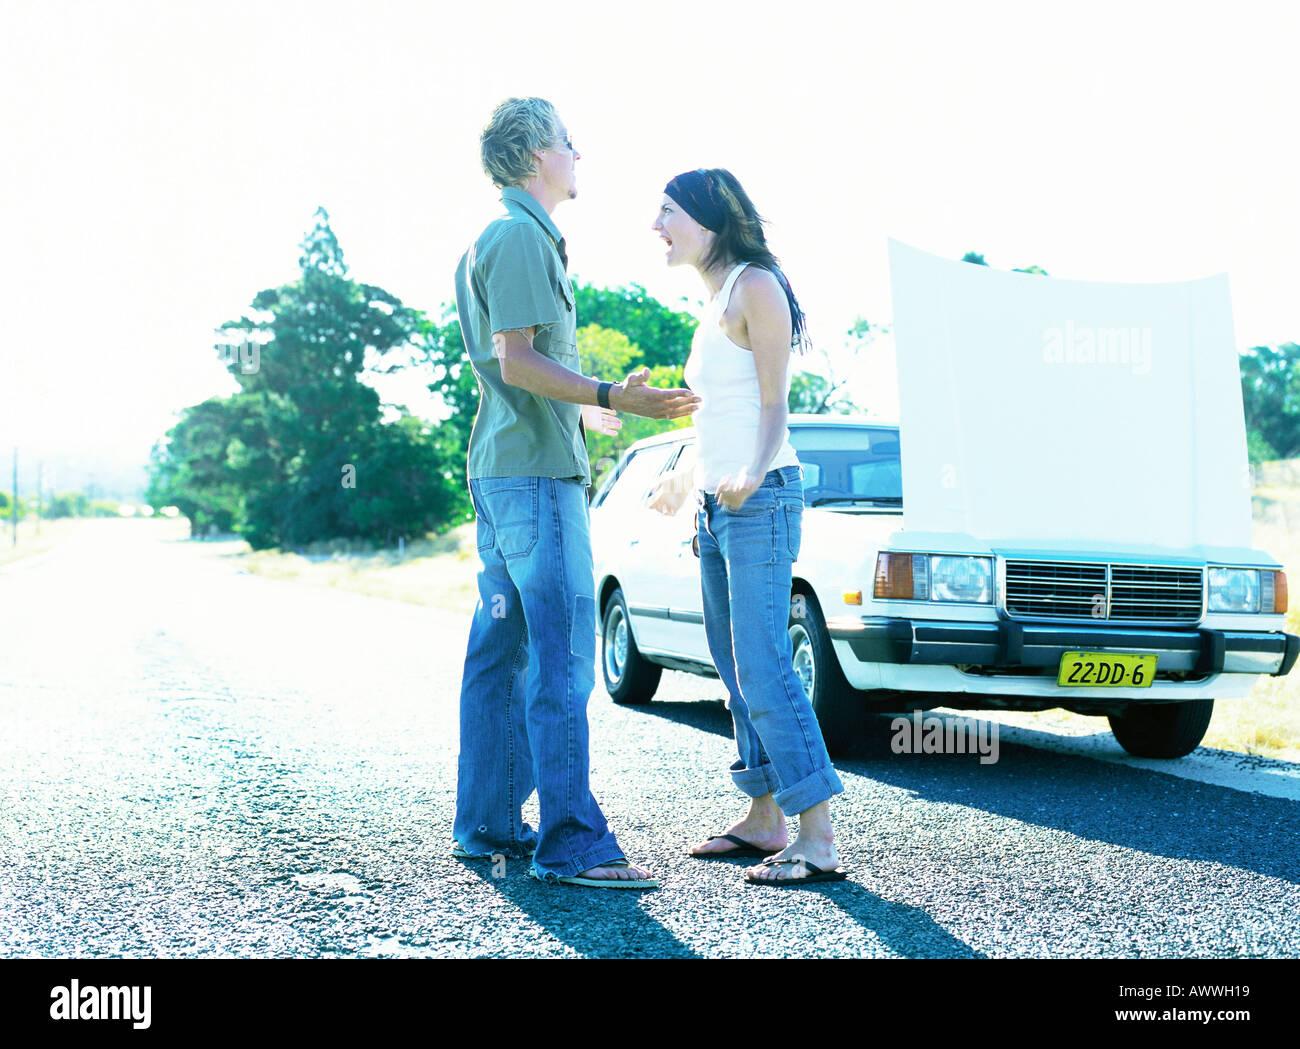 L'homme et la femme debout devant de voiture avec le capot ouvert Banque D'Images